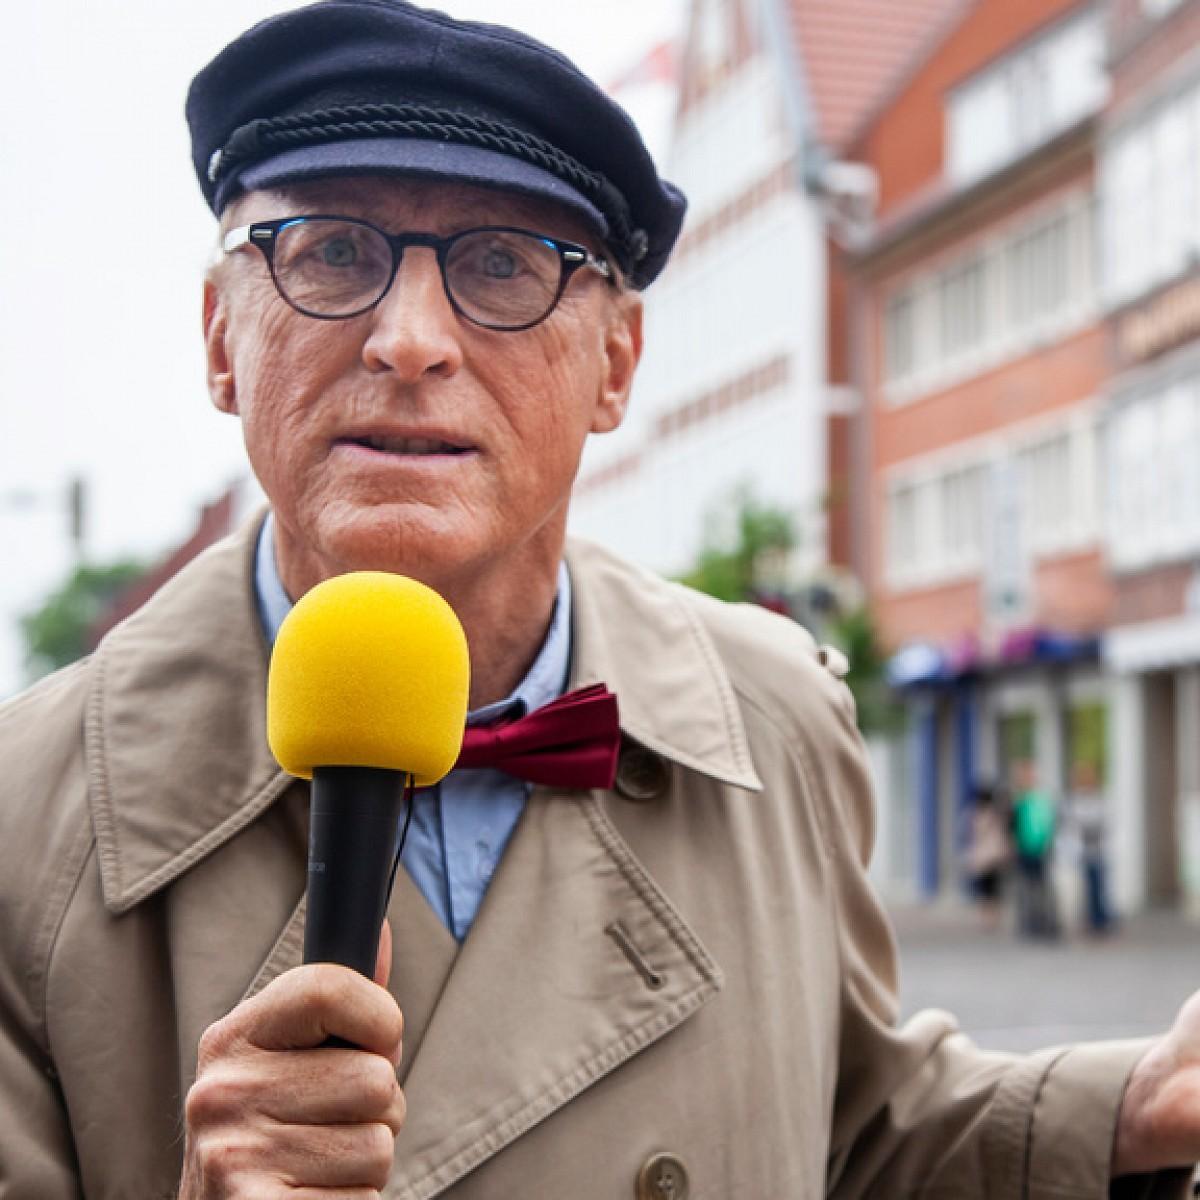 Geheimakte Otto Walkes: ZDF feiert Otto mit humoriger